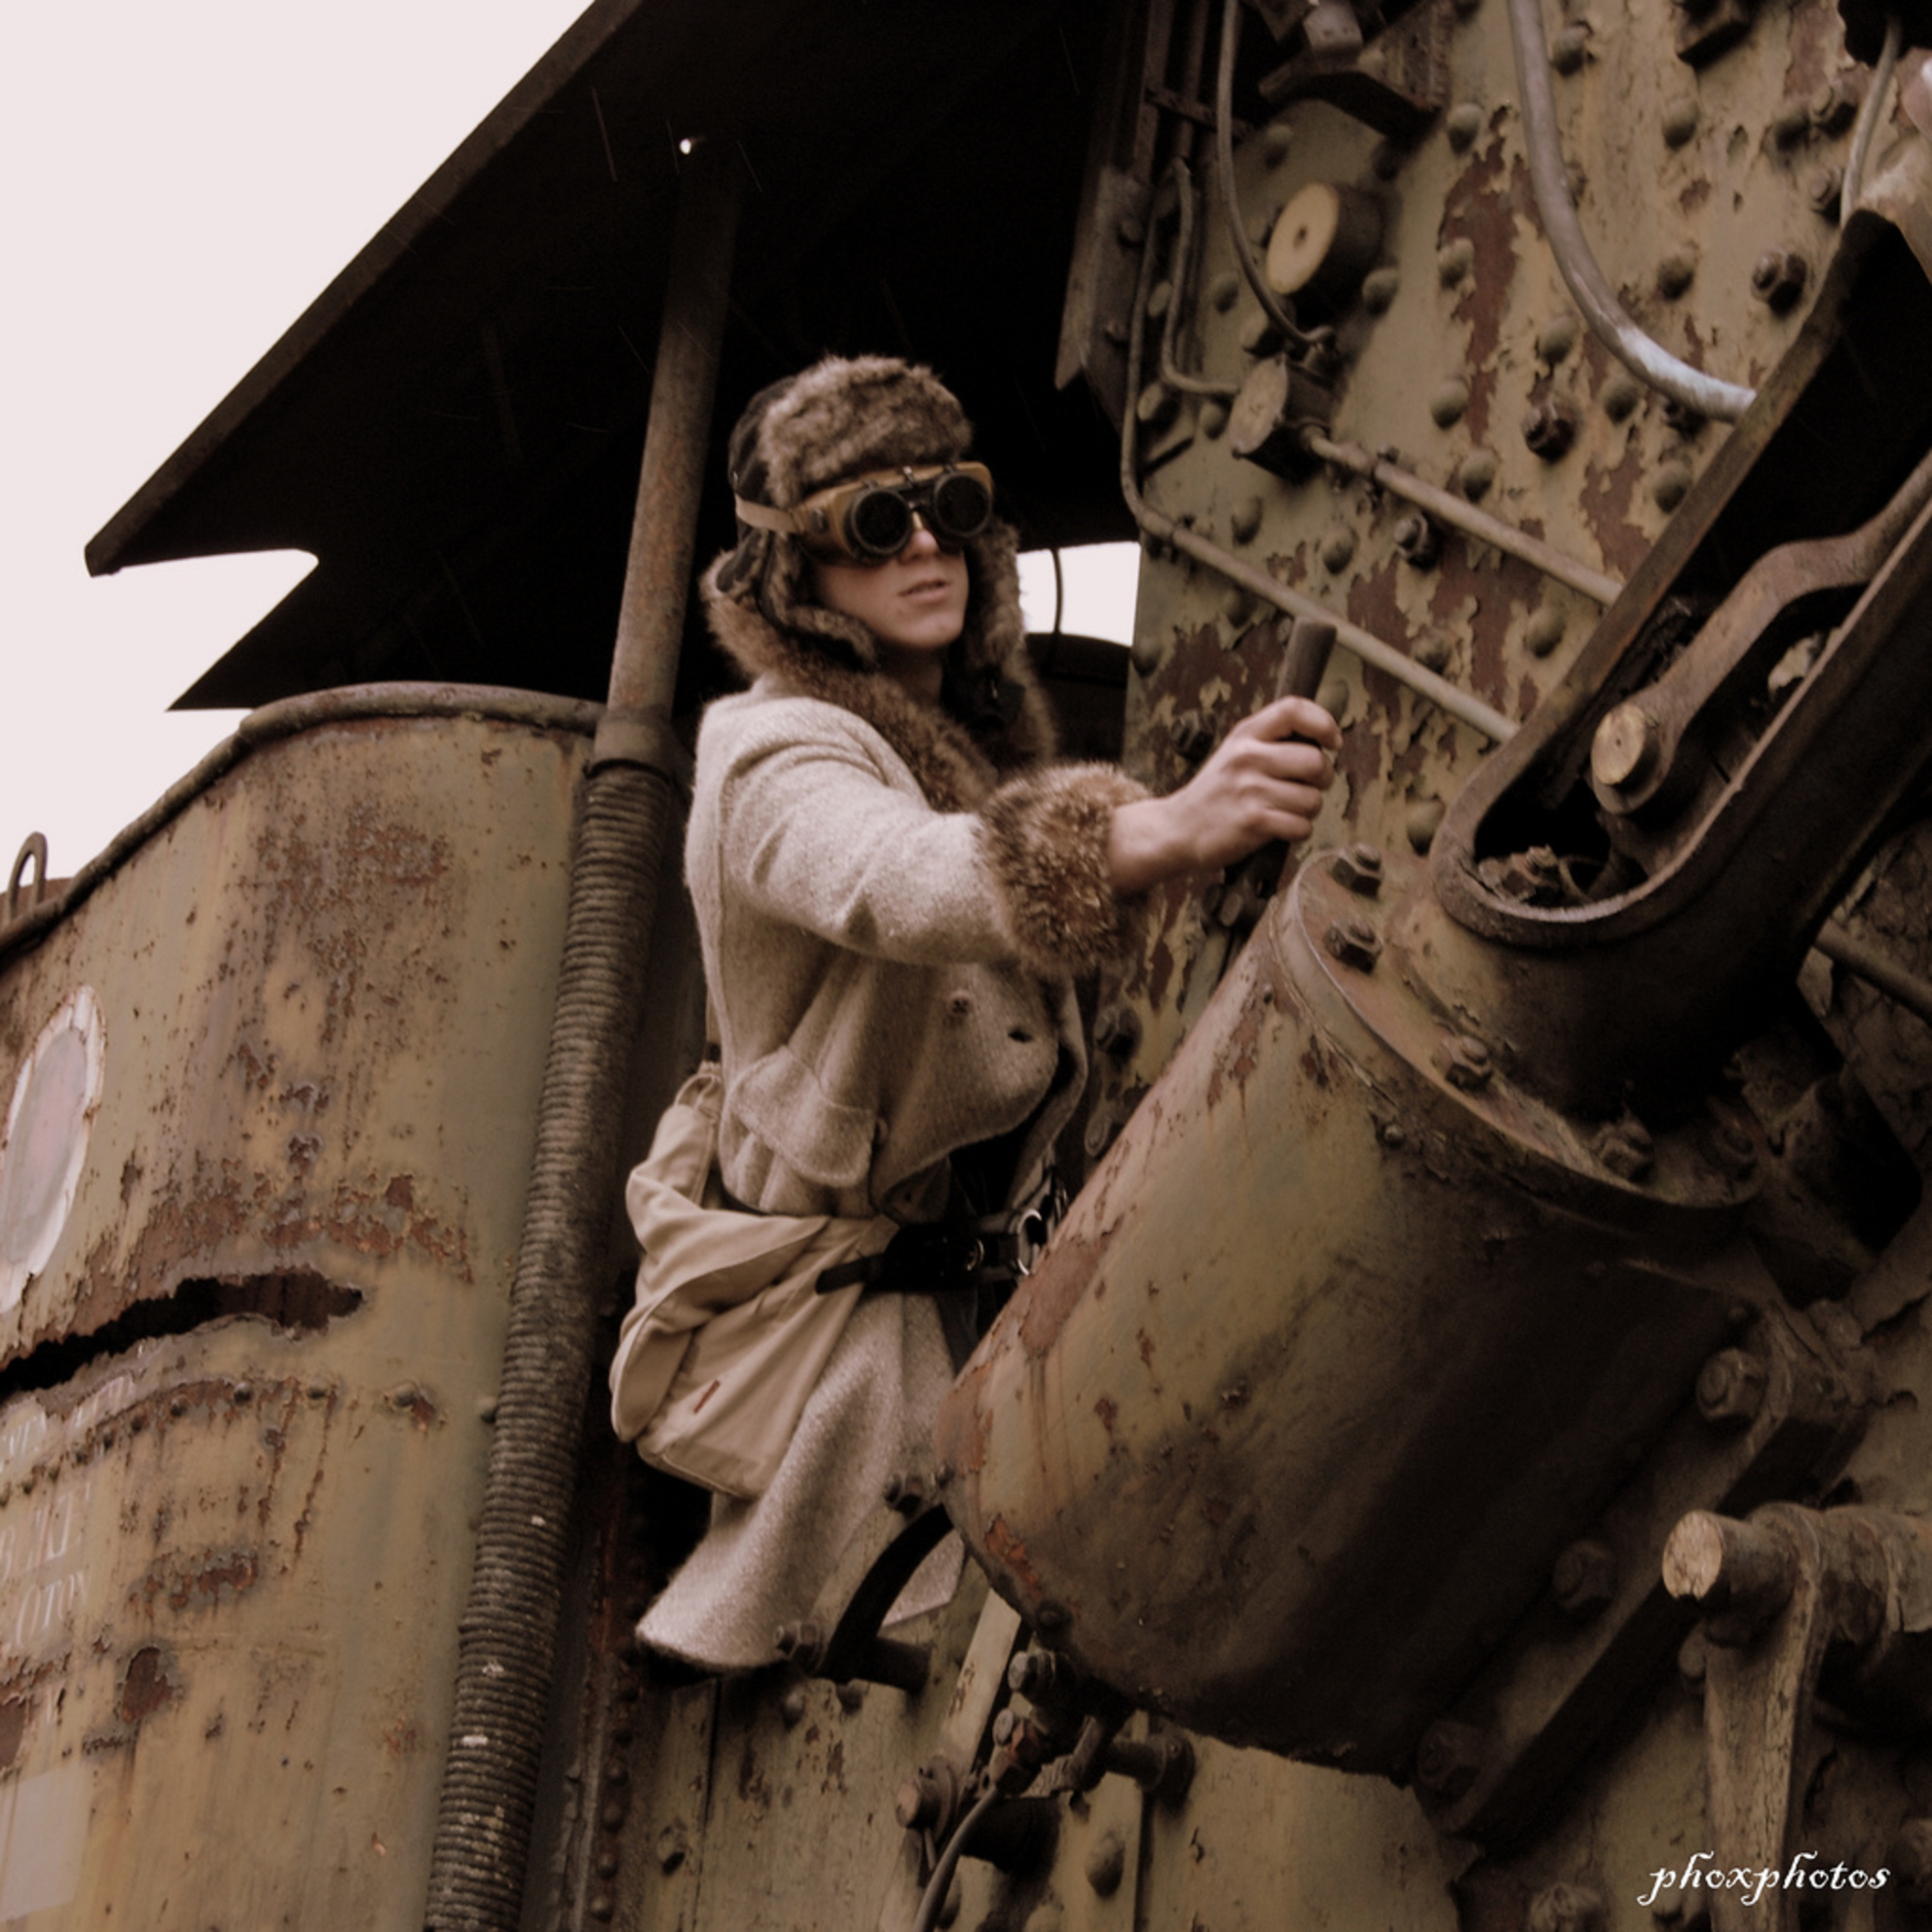 train man 2.jpg - train man Paul als machinist in een industrial setting, retro kleur, beetje mad max achtig... - foto door ralphdevos op 01-08-2013 - deze foto bevat: de, spoor, trein, portret, vos, nikon, paul, locomotief, train, simpelveld, ralph, d7000, Phoxphotos, Industial - Deze foto mag gebruikt worden in een Zoom.nl publicatie